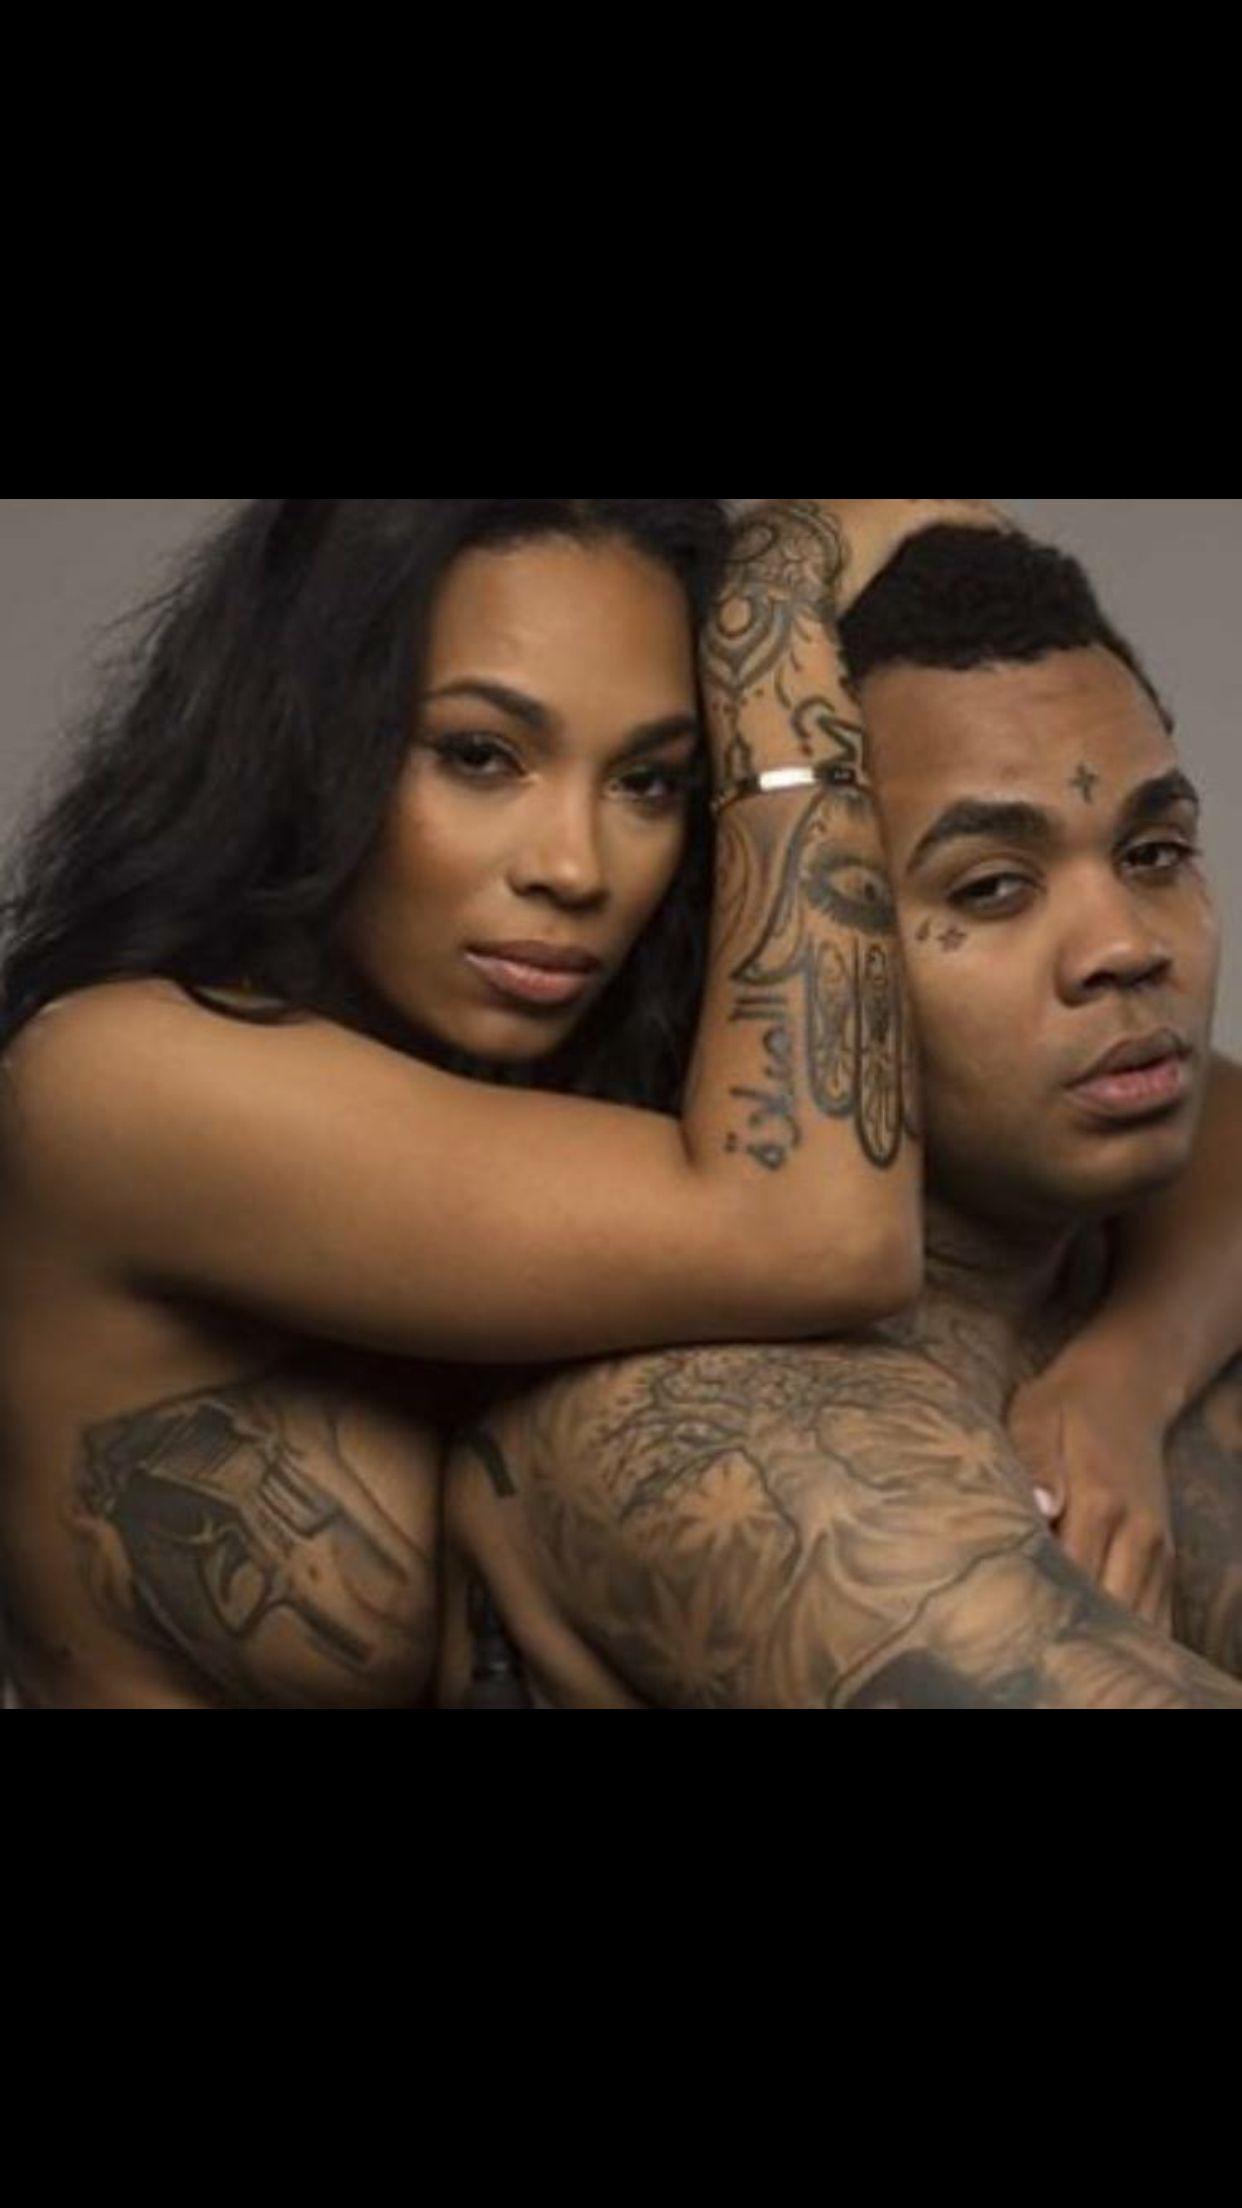 Dreka Gates Tattoo : dreka, gates, tattoo, Tattoo, Kevin, Gates, Quotes,, Gates,